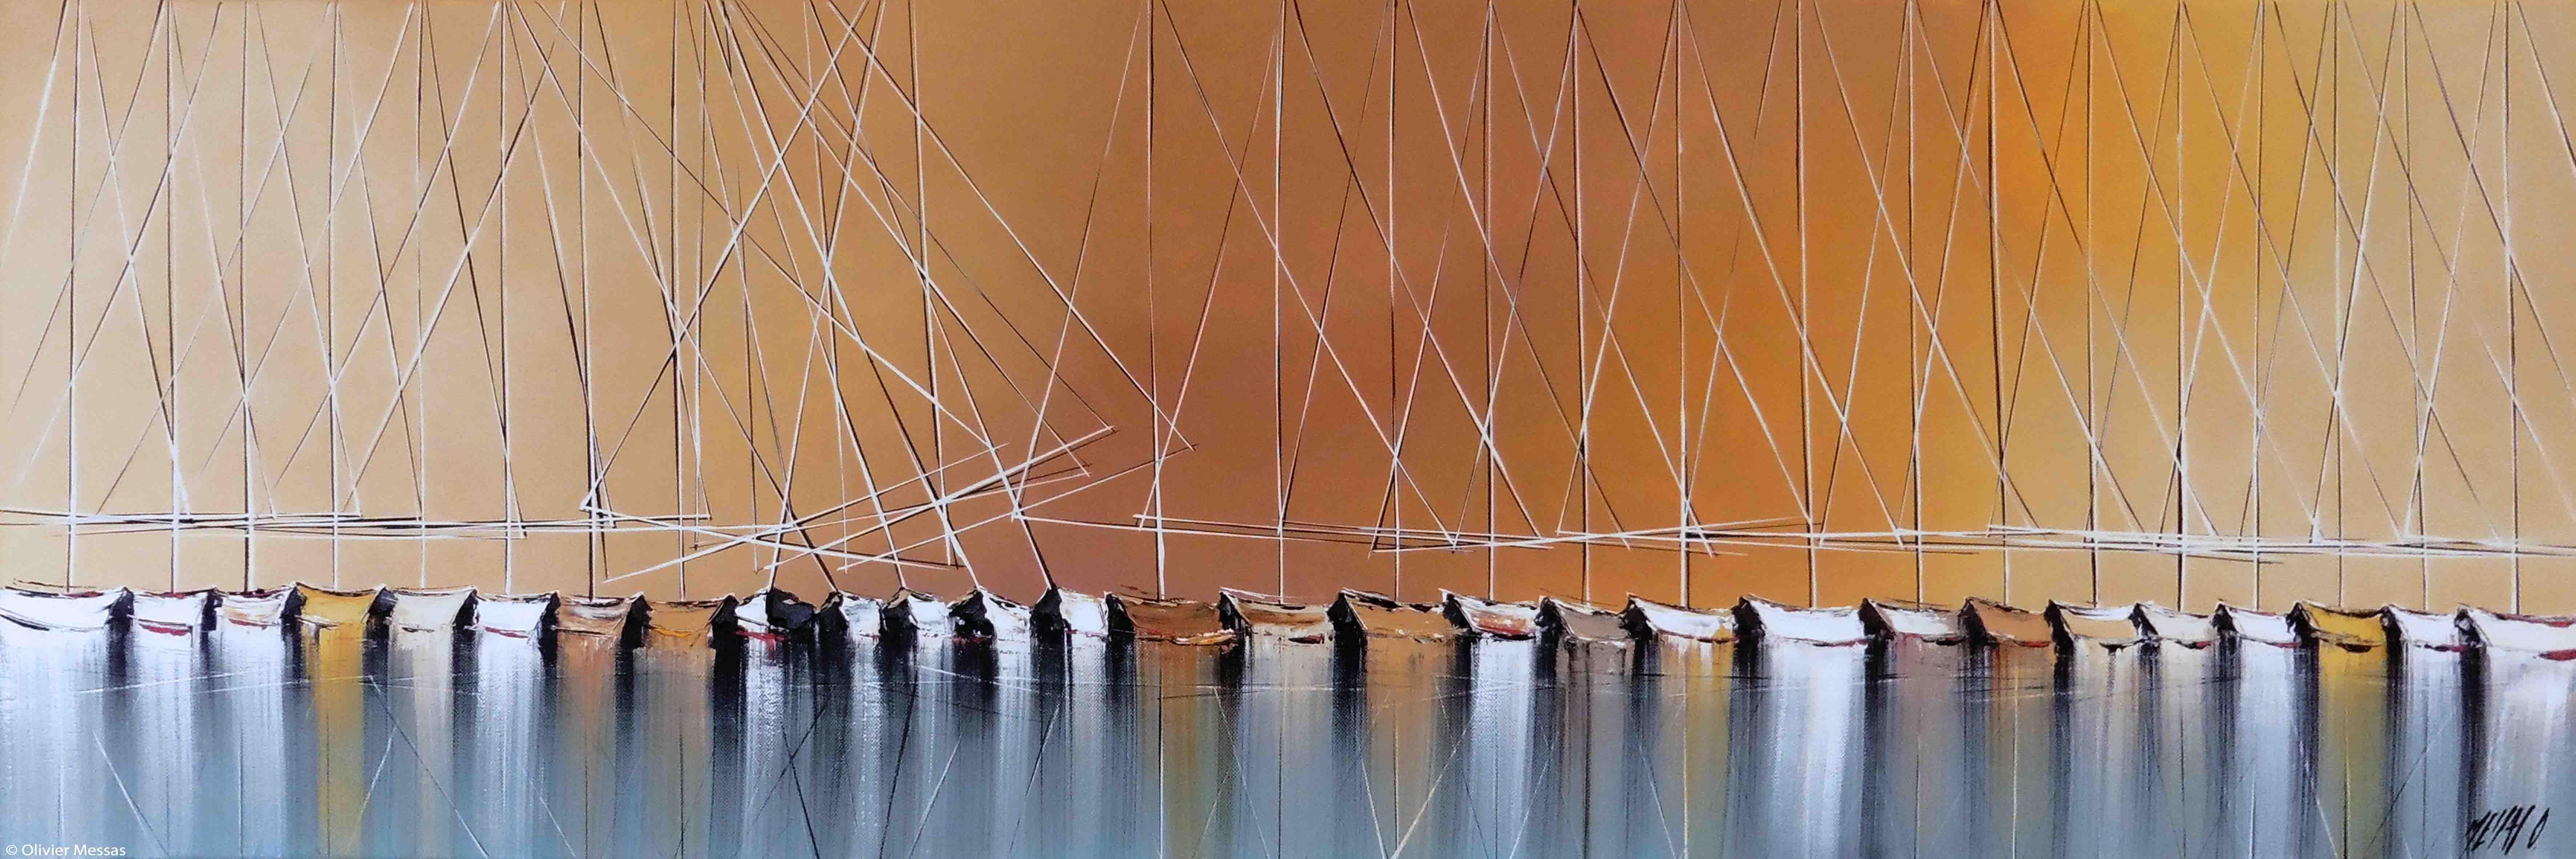 Jeux de reflet II, 40x120cm